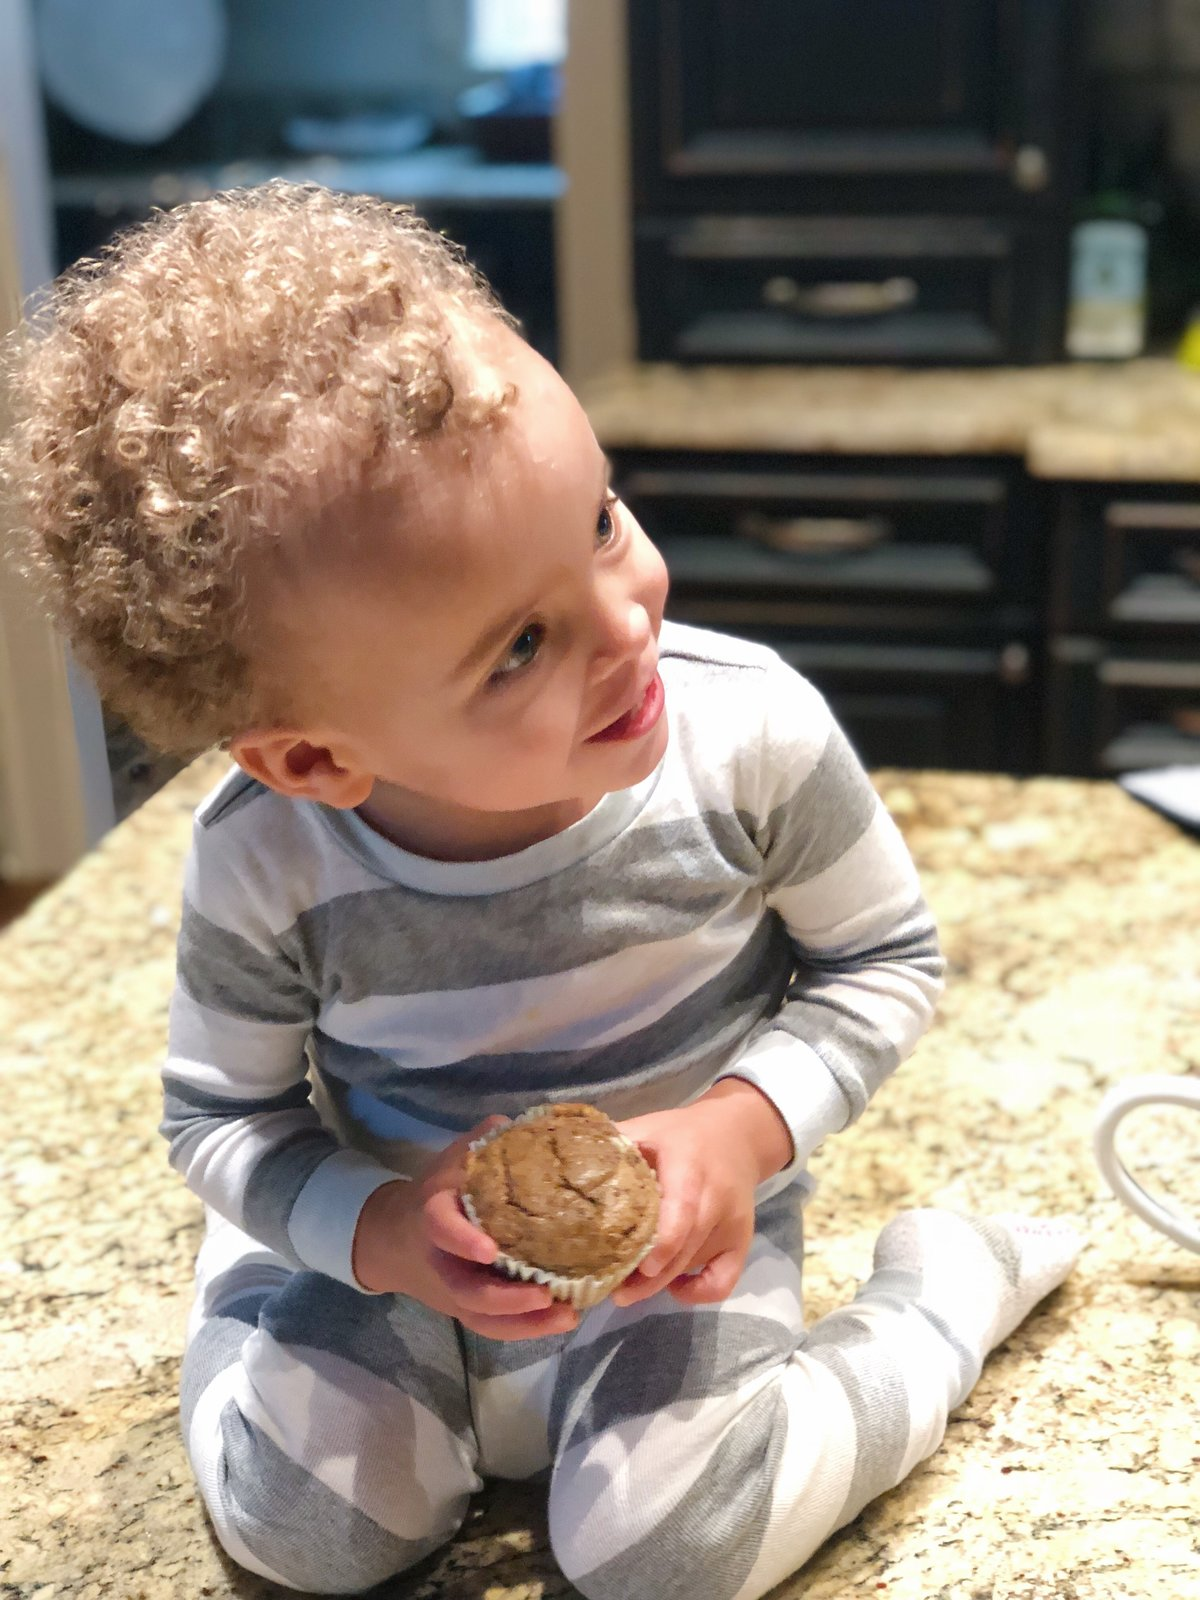 Toddler banana zucchini muffins